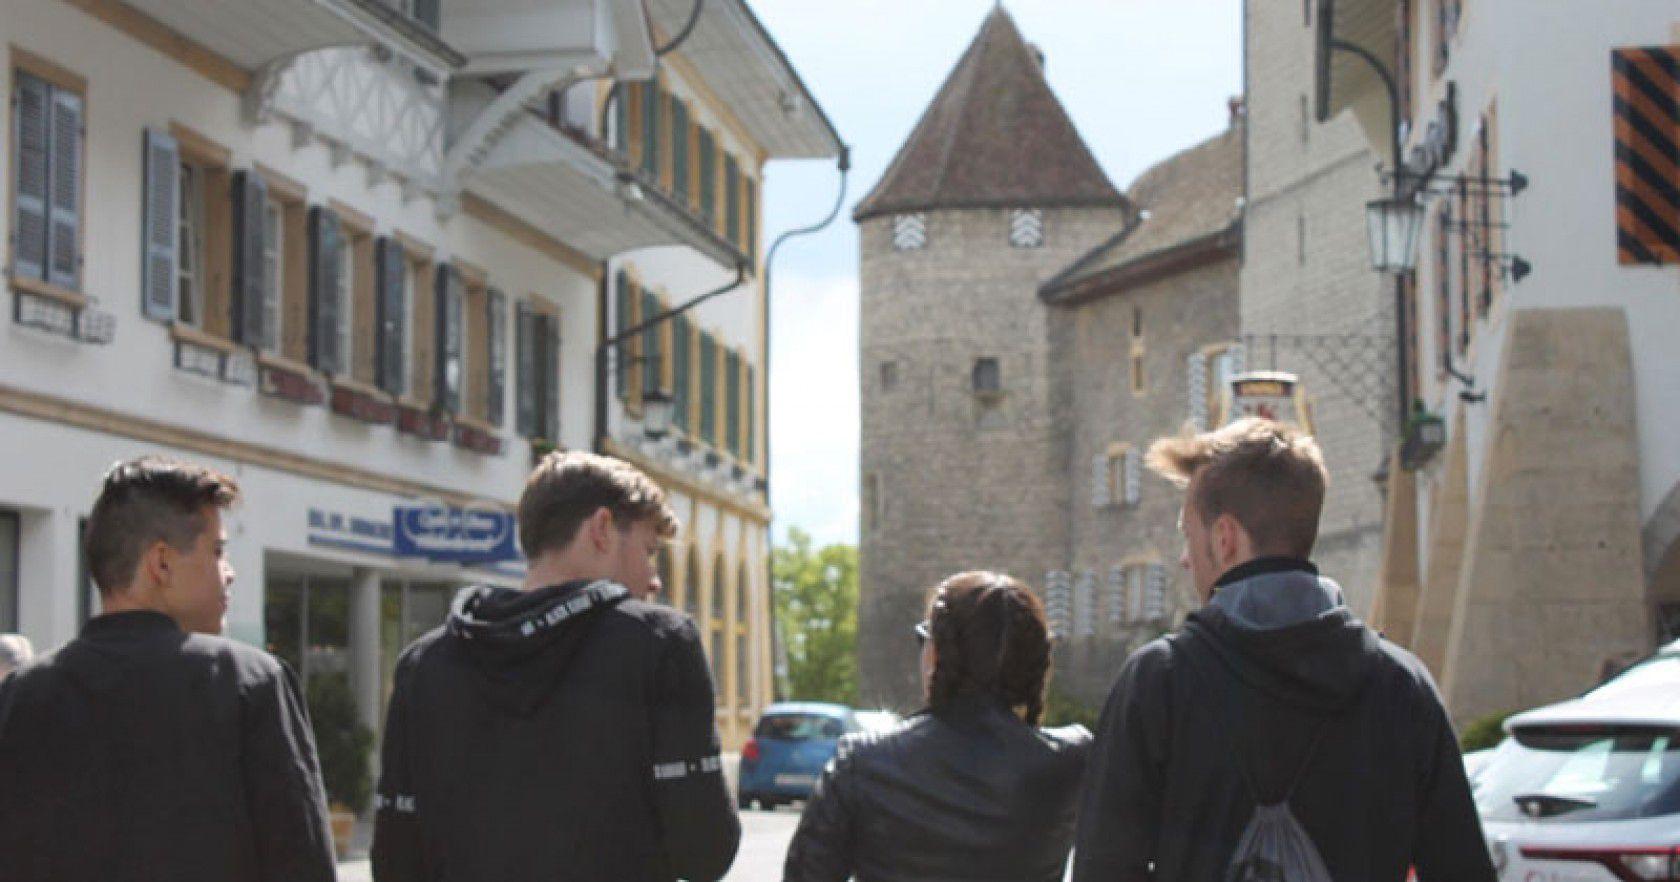 İsviçre Öğrenci Vizesi Nasıl Alınır Sorusunun Cevabı Burada!